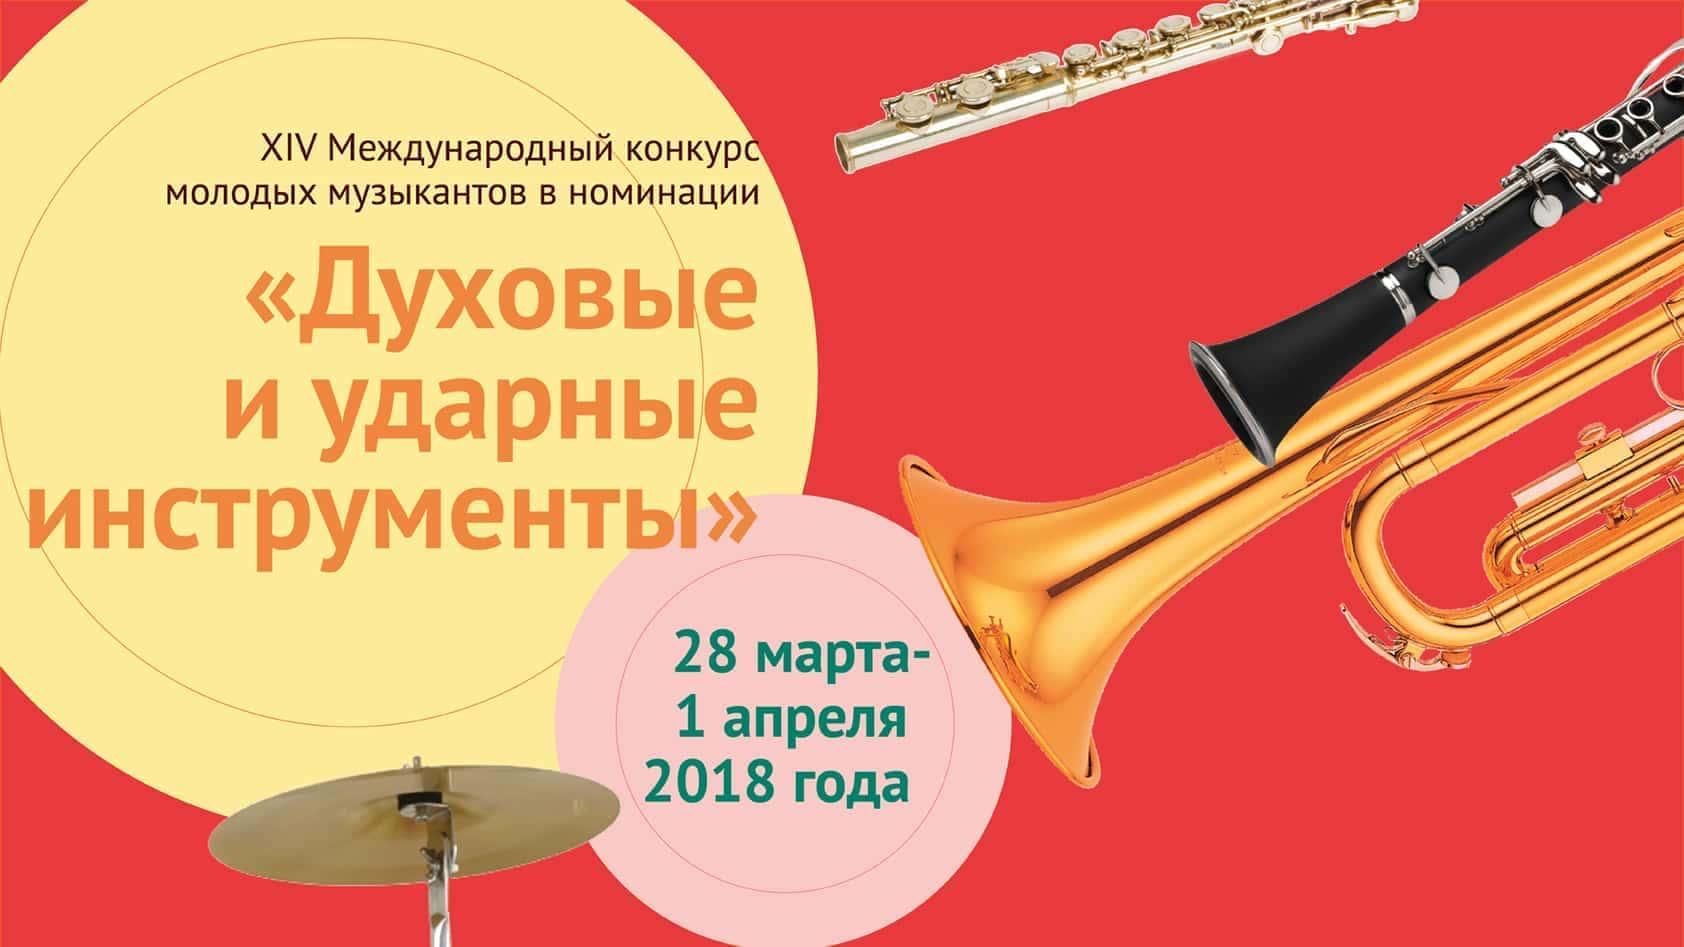 Международный конкурс в номинации «Духовые и ударные инструменты»